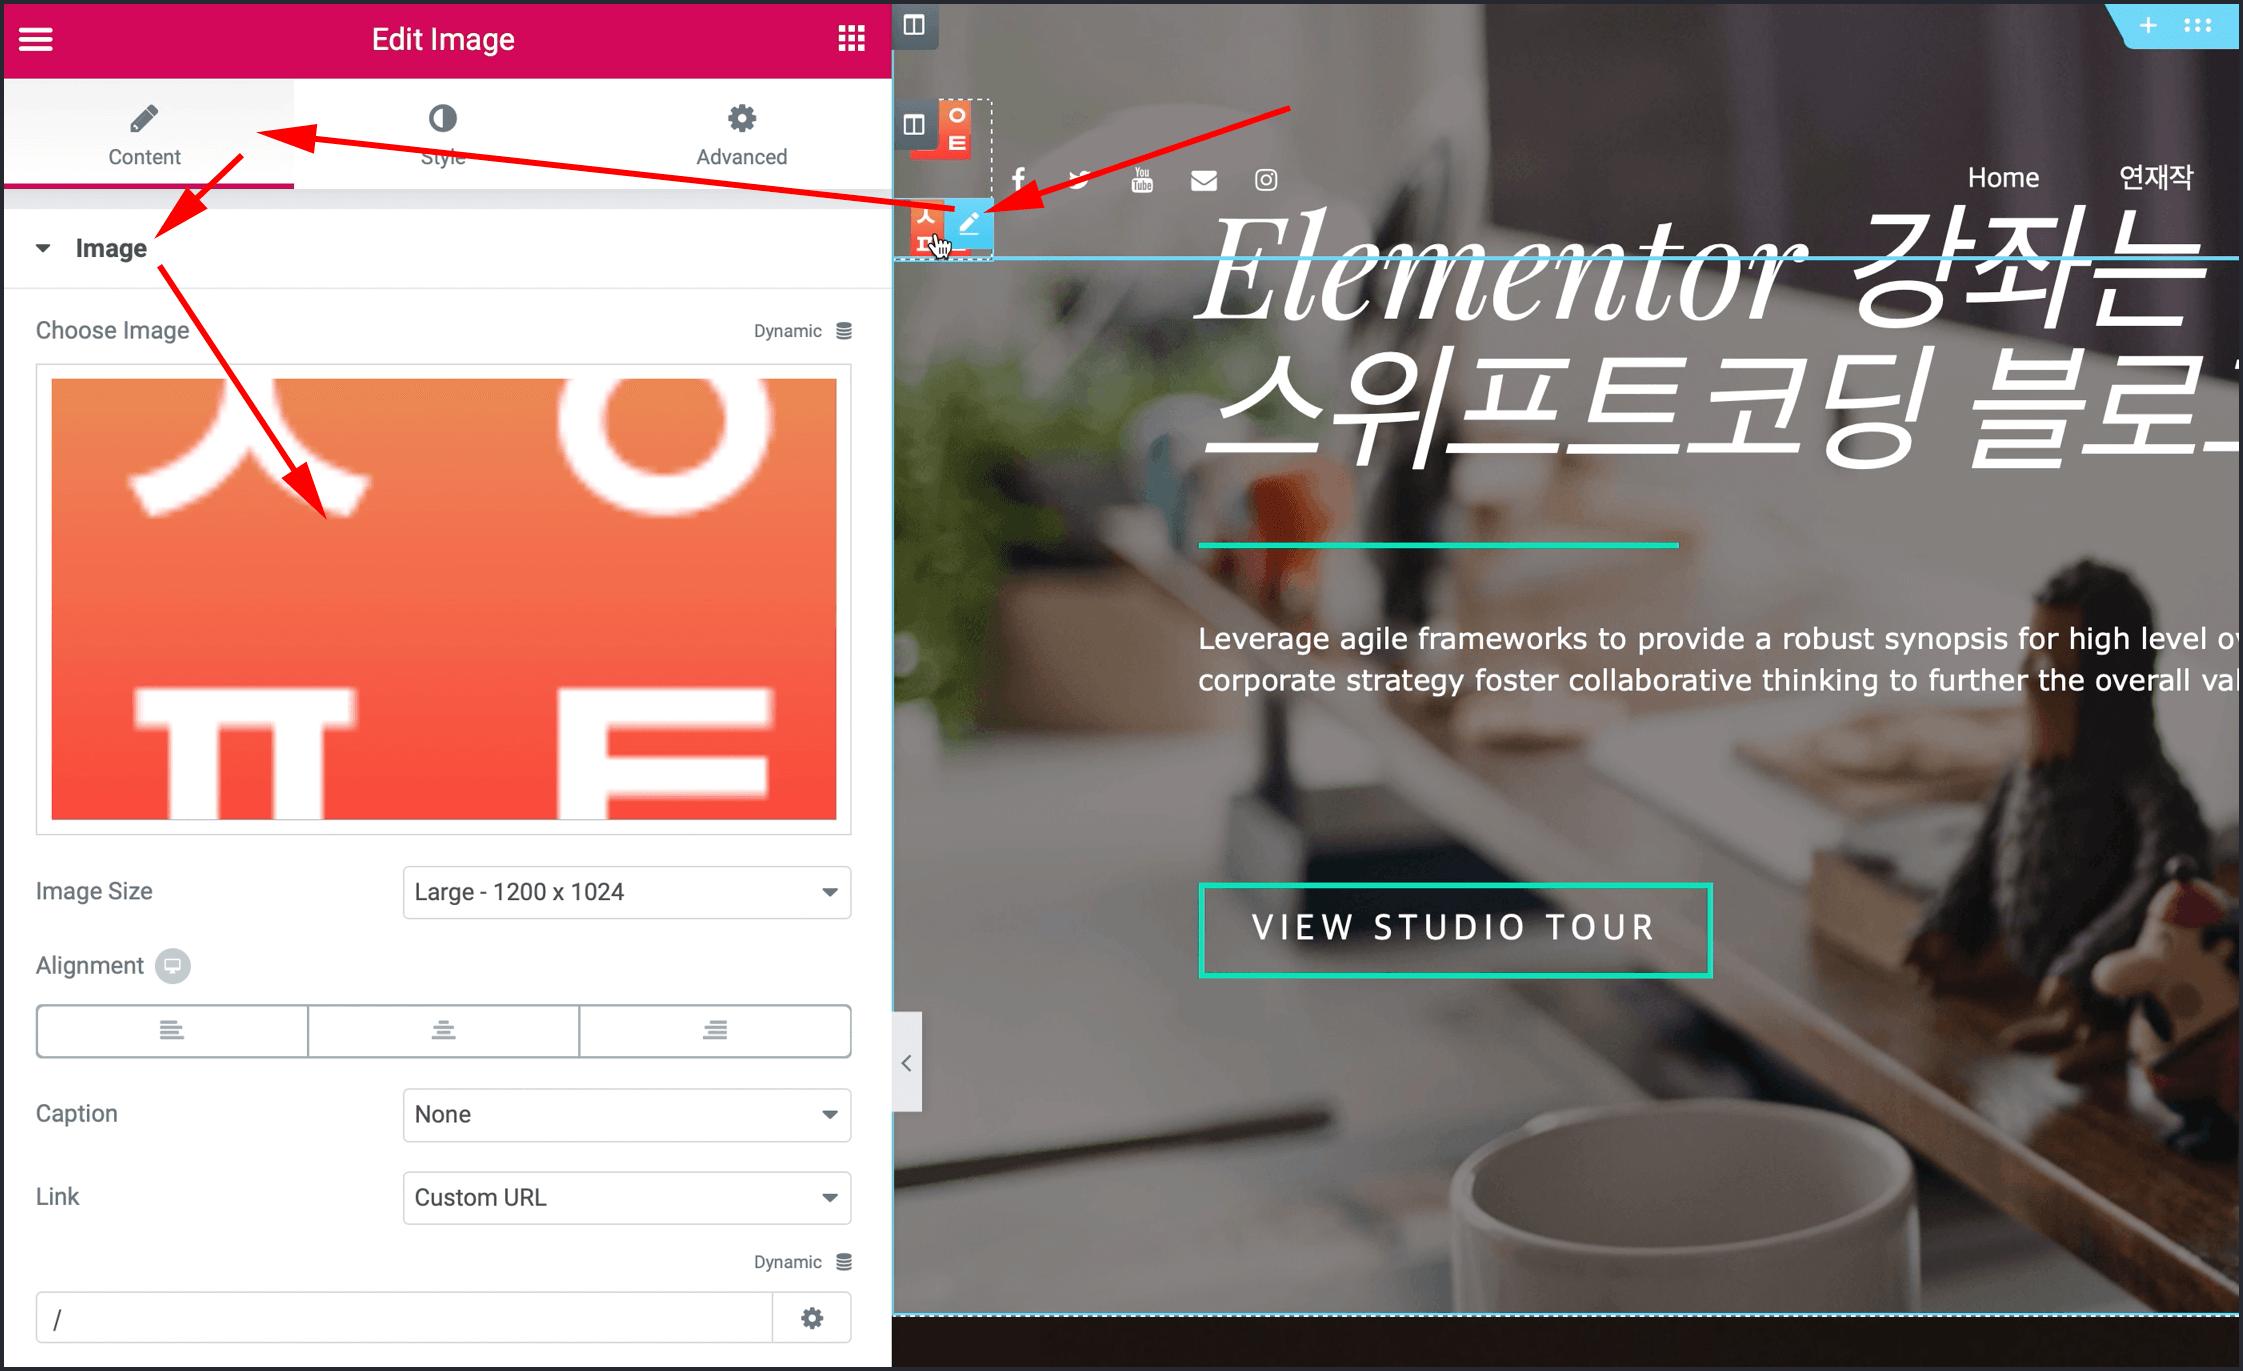 복제도니 이미지위젯 선택후 Content 탭에서 이미지파일을 변경